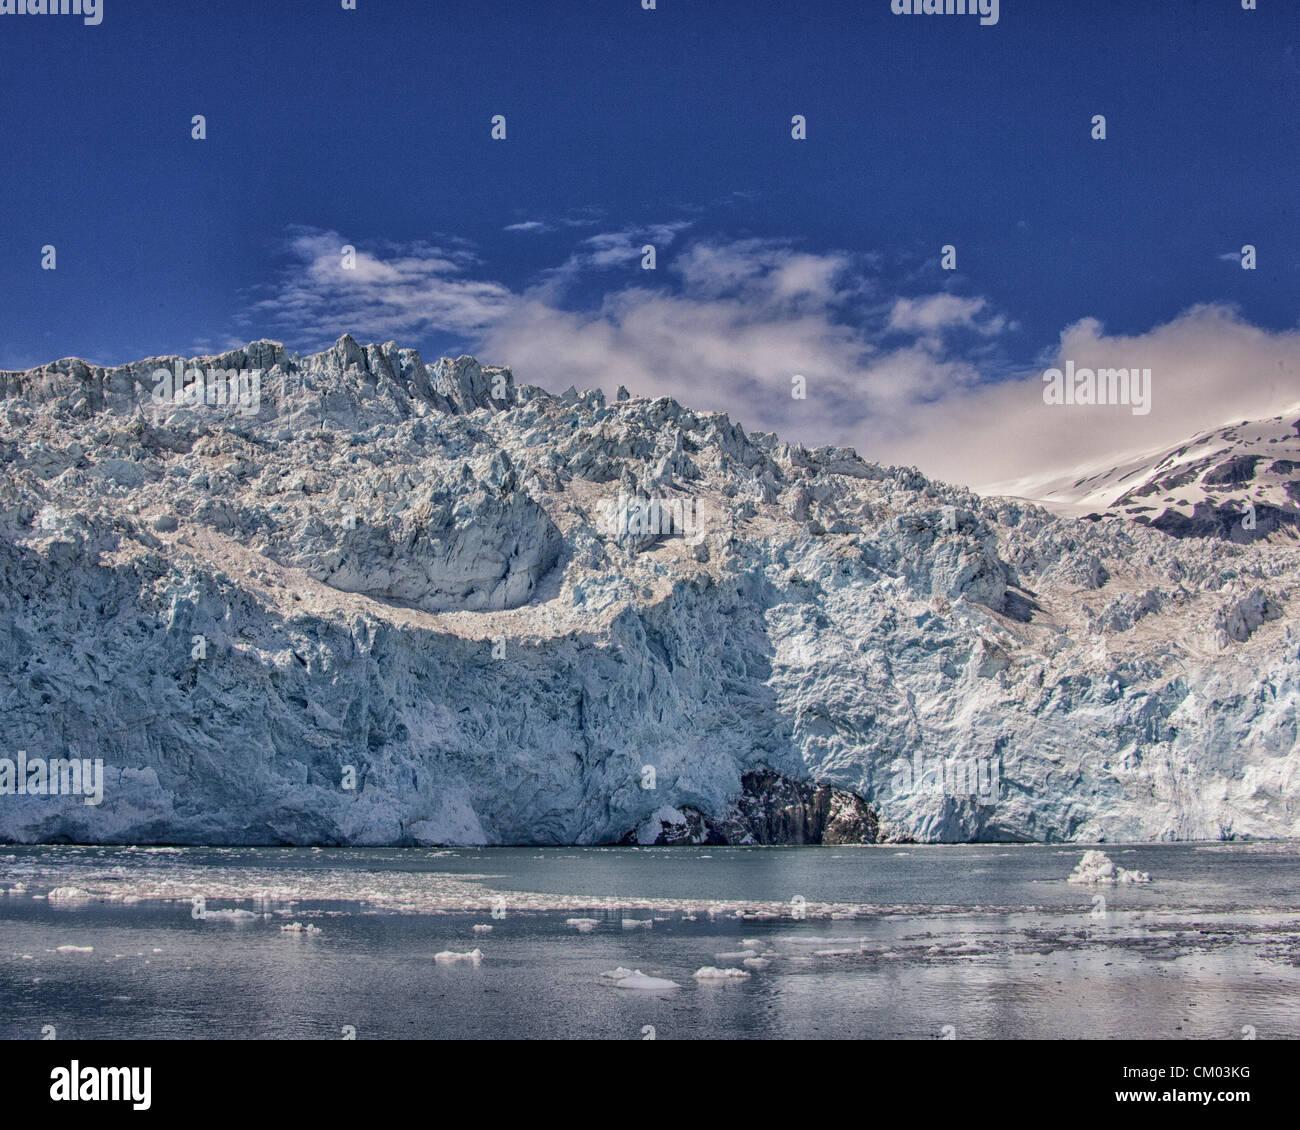 July 1, 2012 - Kenai Peninsula Borough, Alaska, US - Close-ups of the front face of impressive, awe-inspiring, Aialik - Stock Image